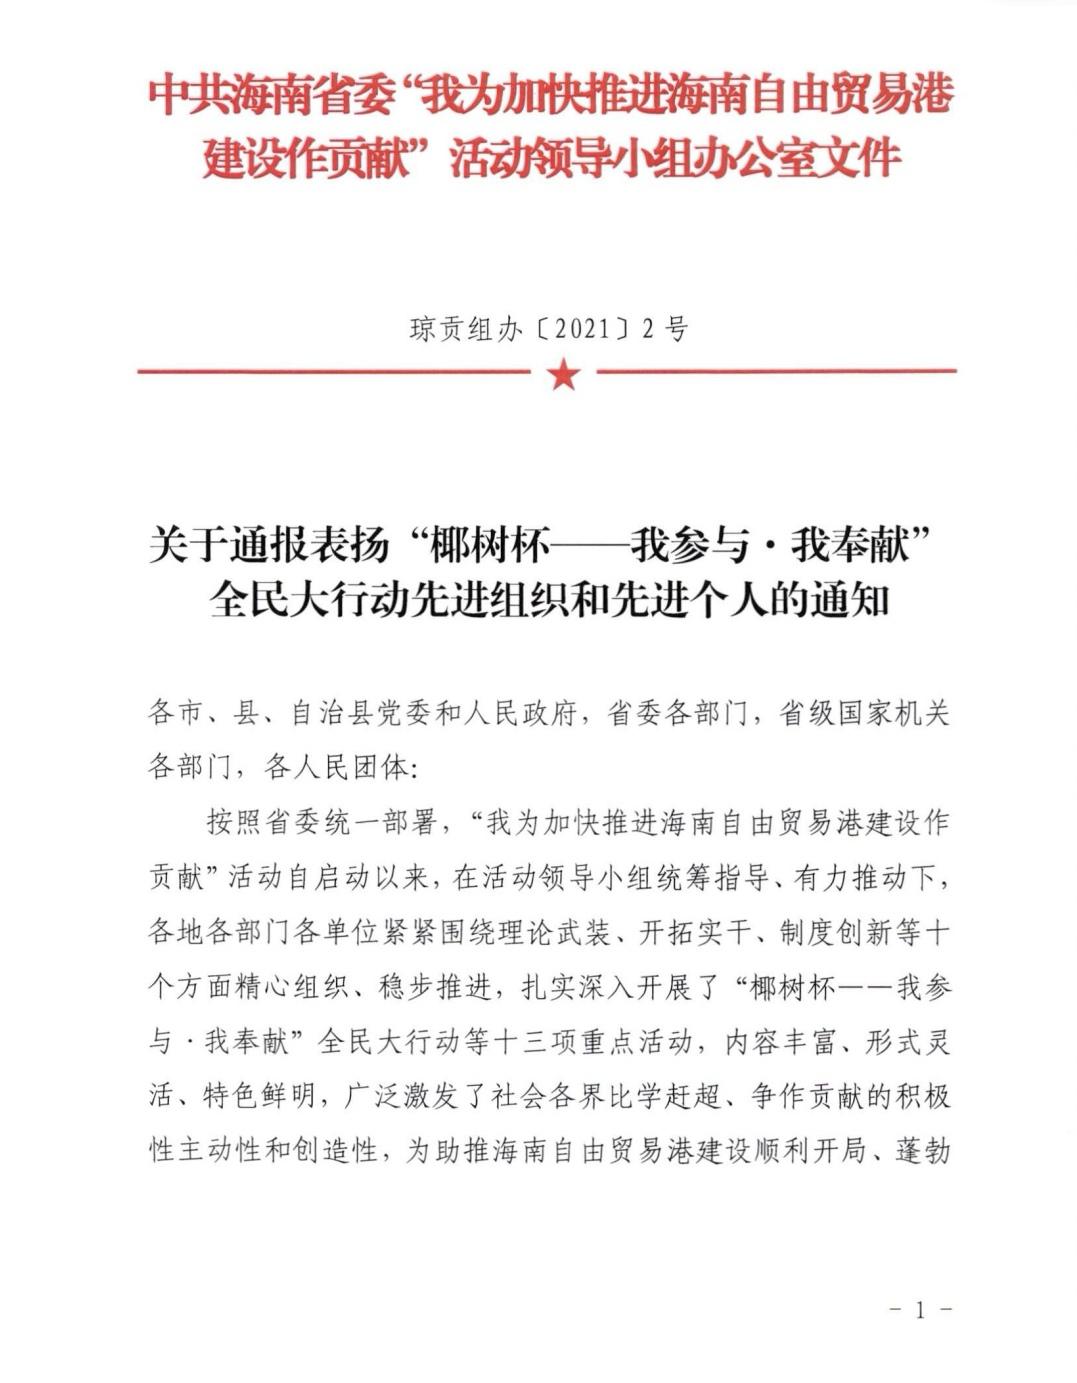 """宣传统战部荣获""""椰树杯——我参与·我贡献""""全民大行动先进组织奖"""